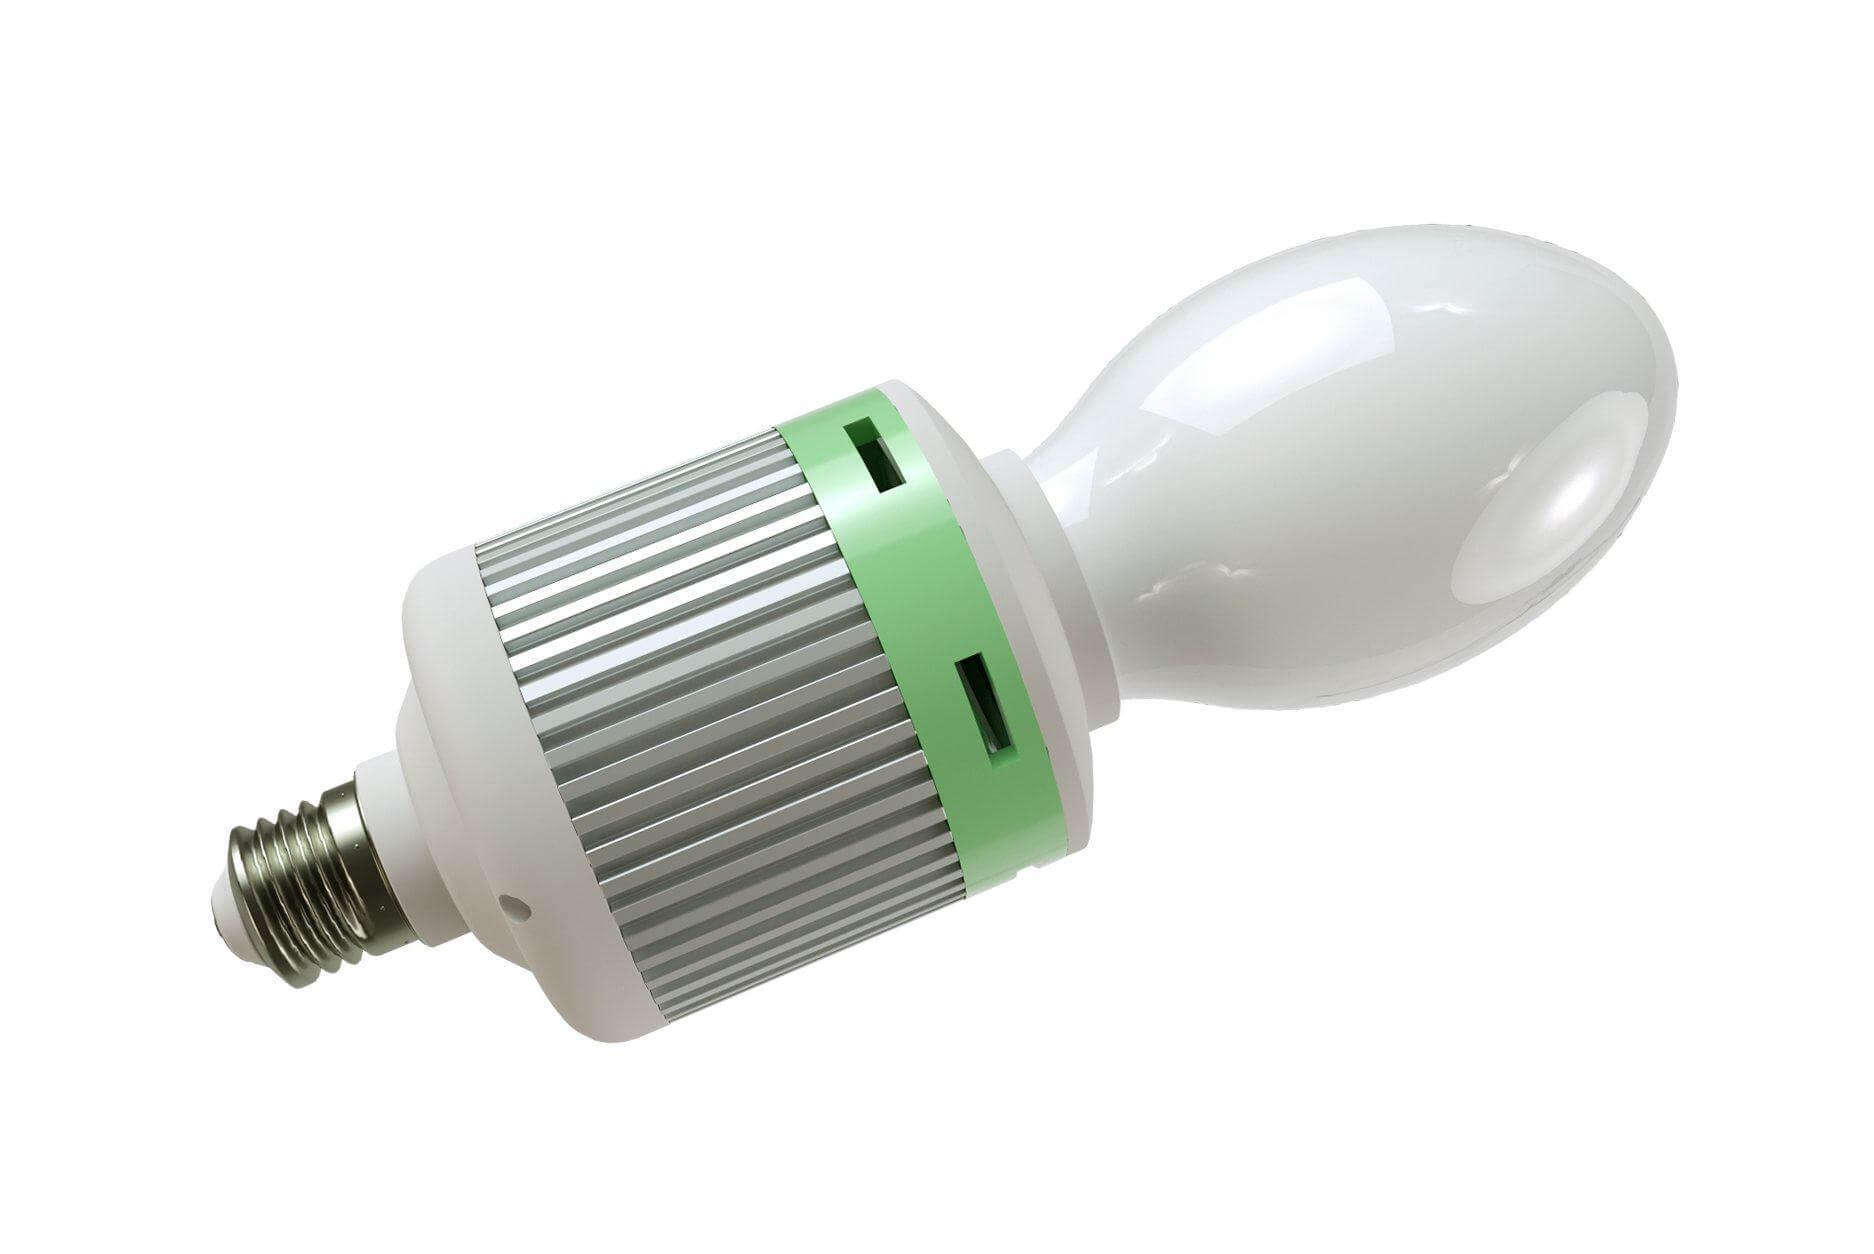 Ксеноновая лампа Ledcraft LC-E27-KS65W Холодный белый